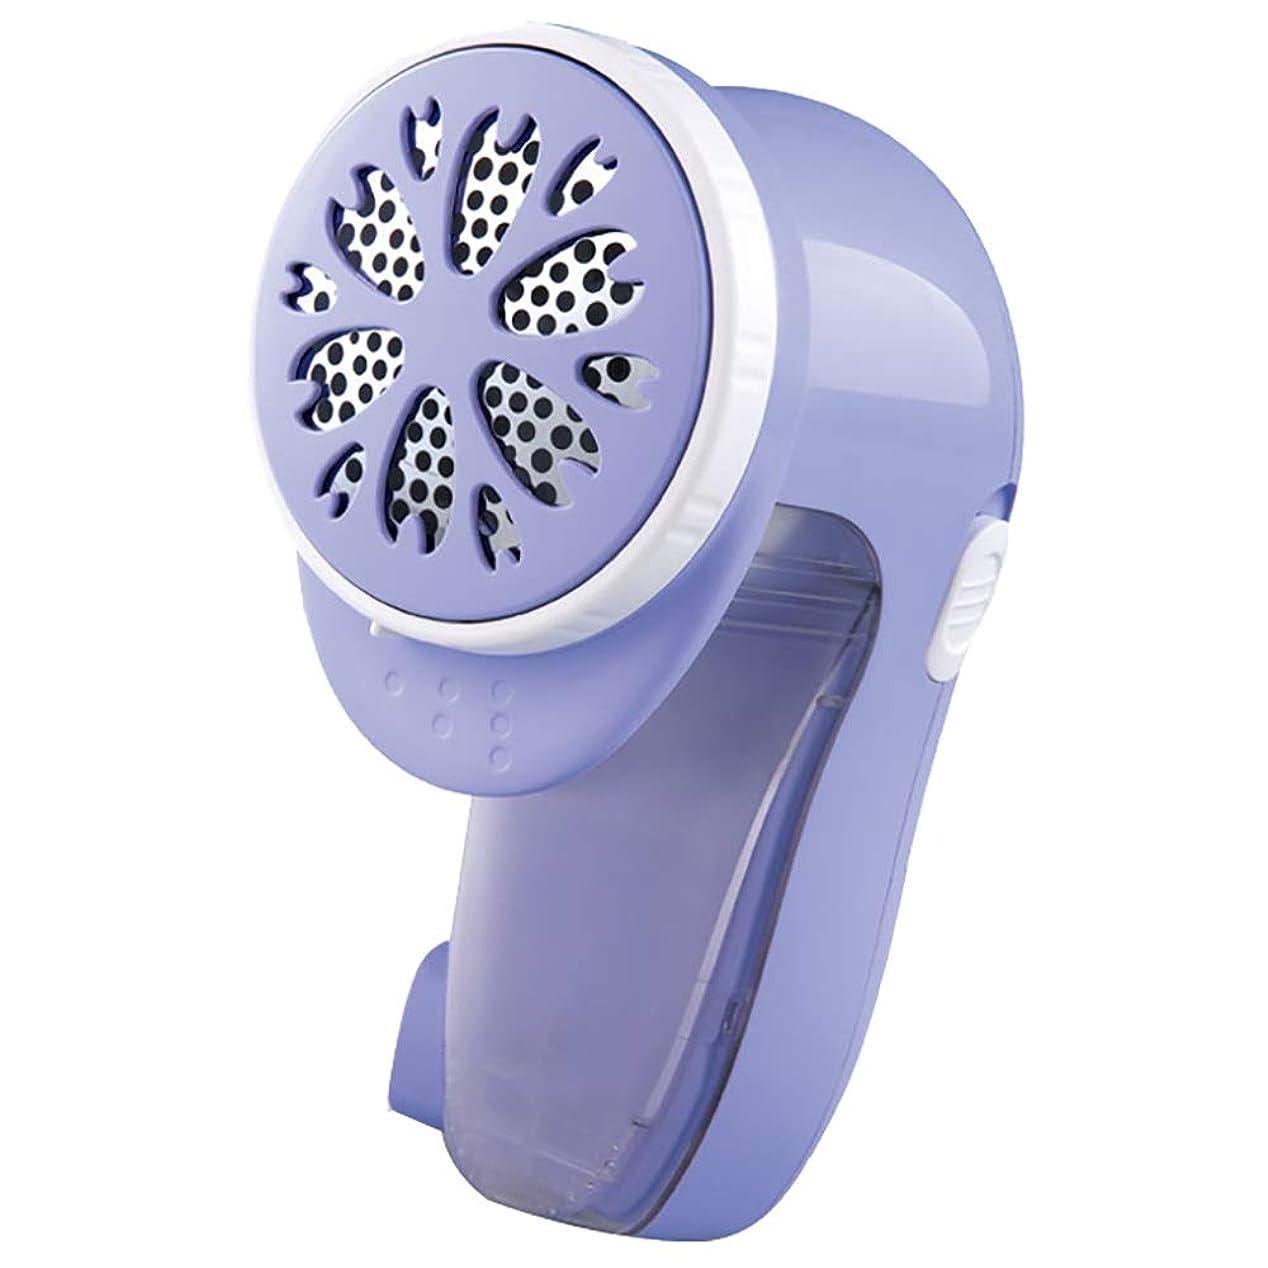 に応じてアーティファクトステープルセーターボールトリマー脱毛機家庭用充電式(ブルー)